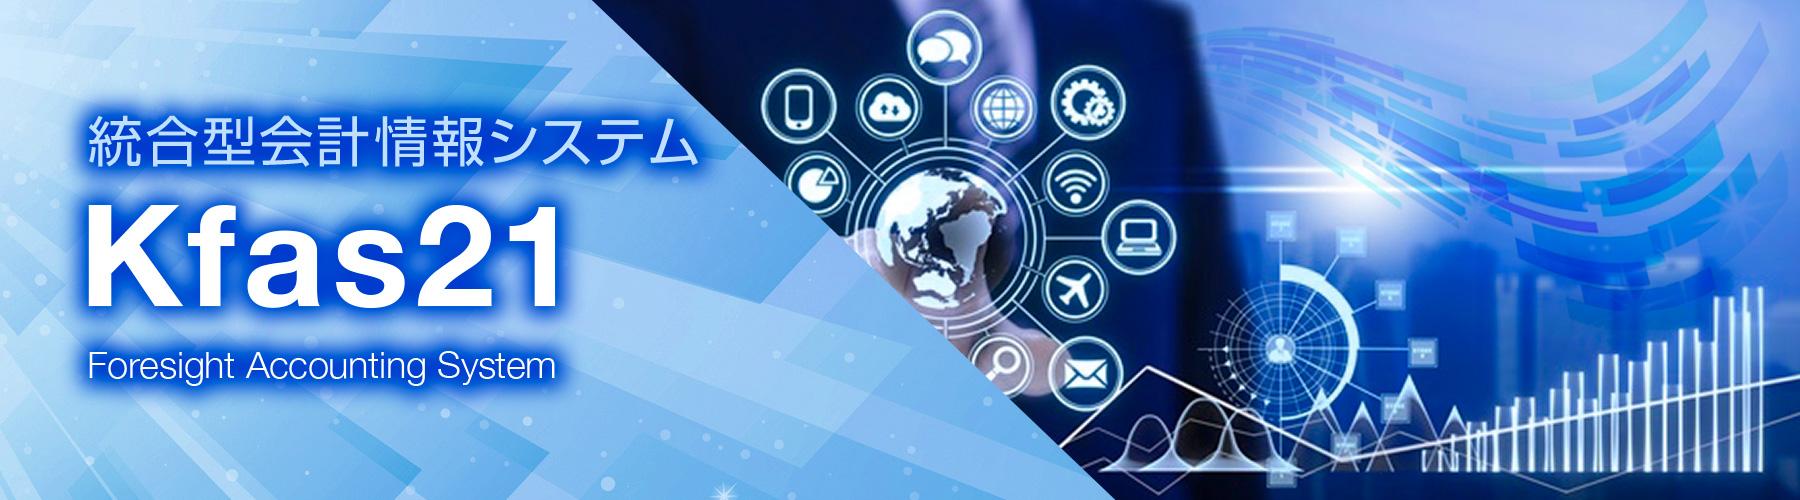 統合型会計情報システム Kfas21